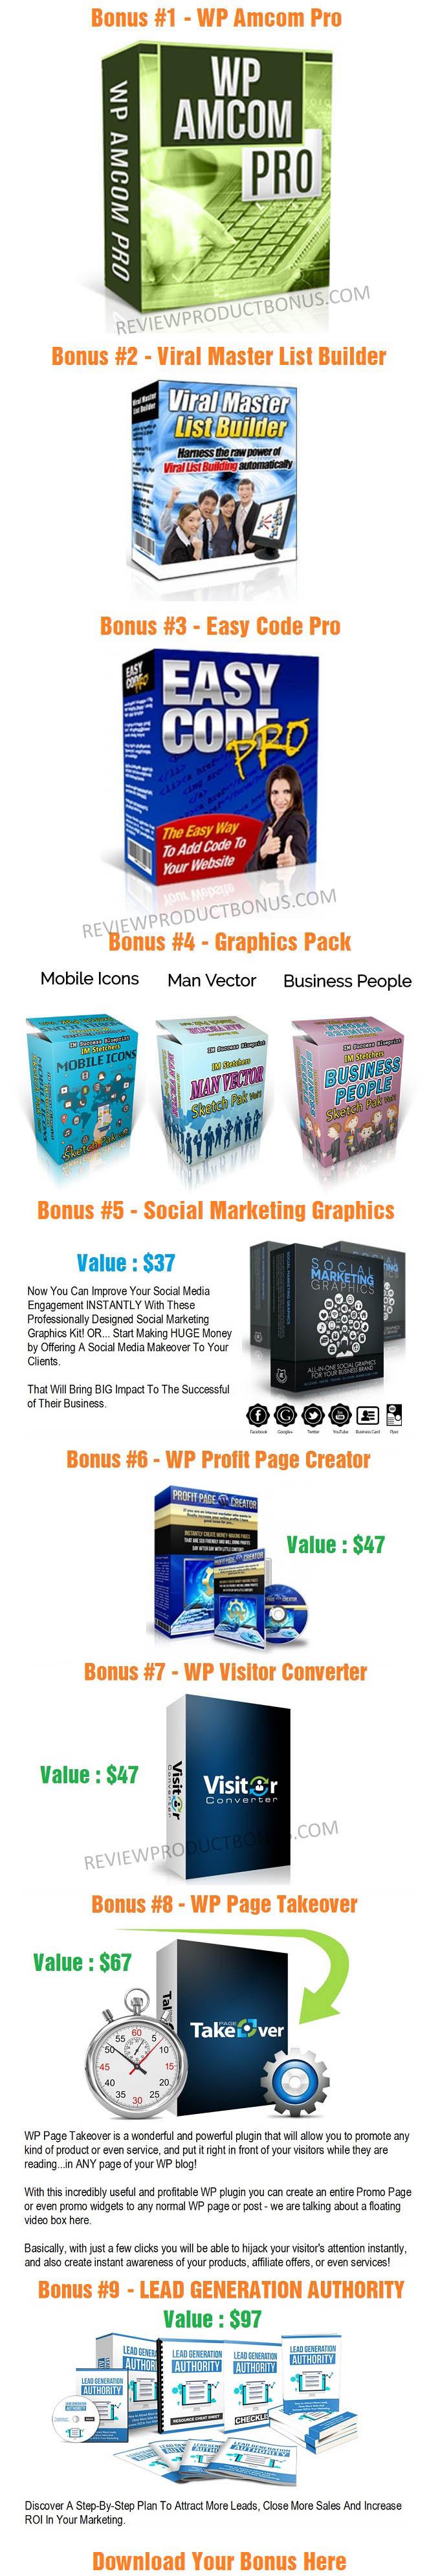 ProfitBuilder 2.0 Bonus